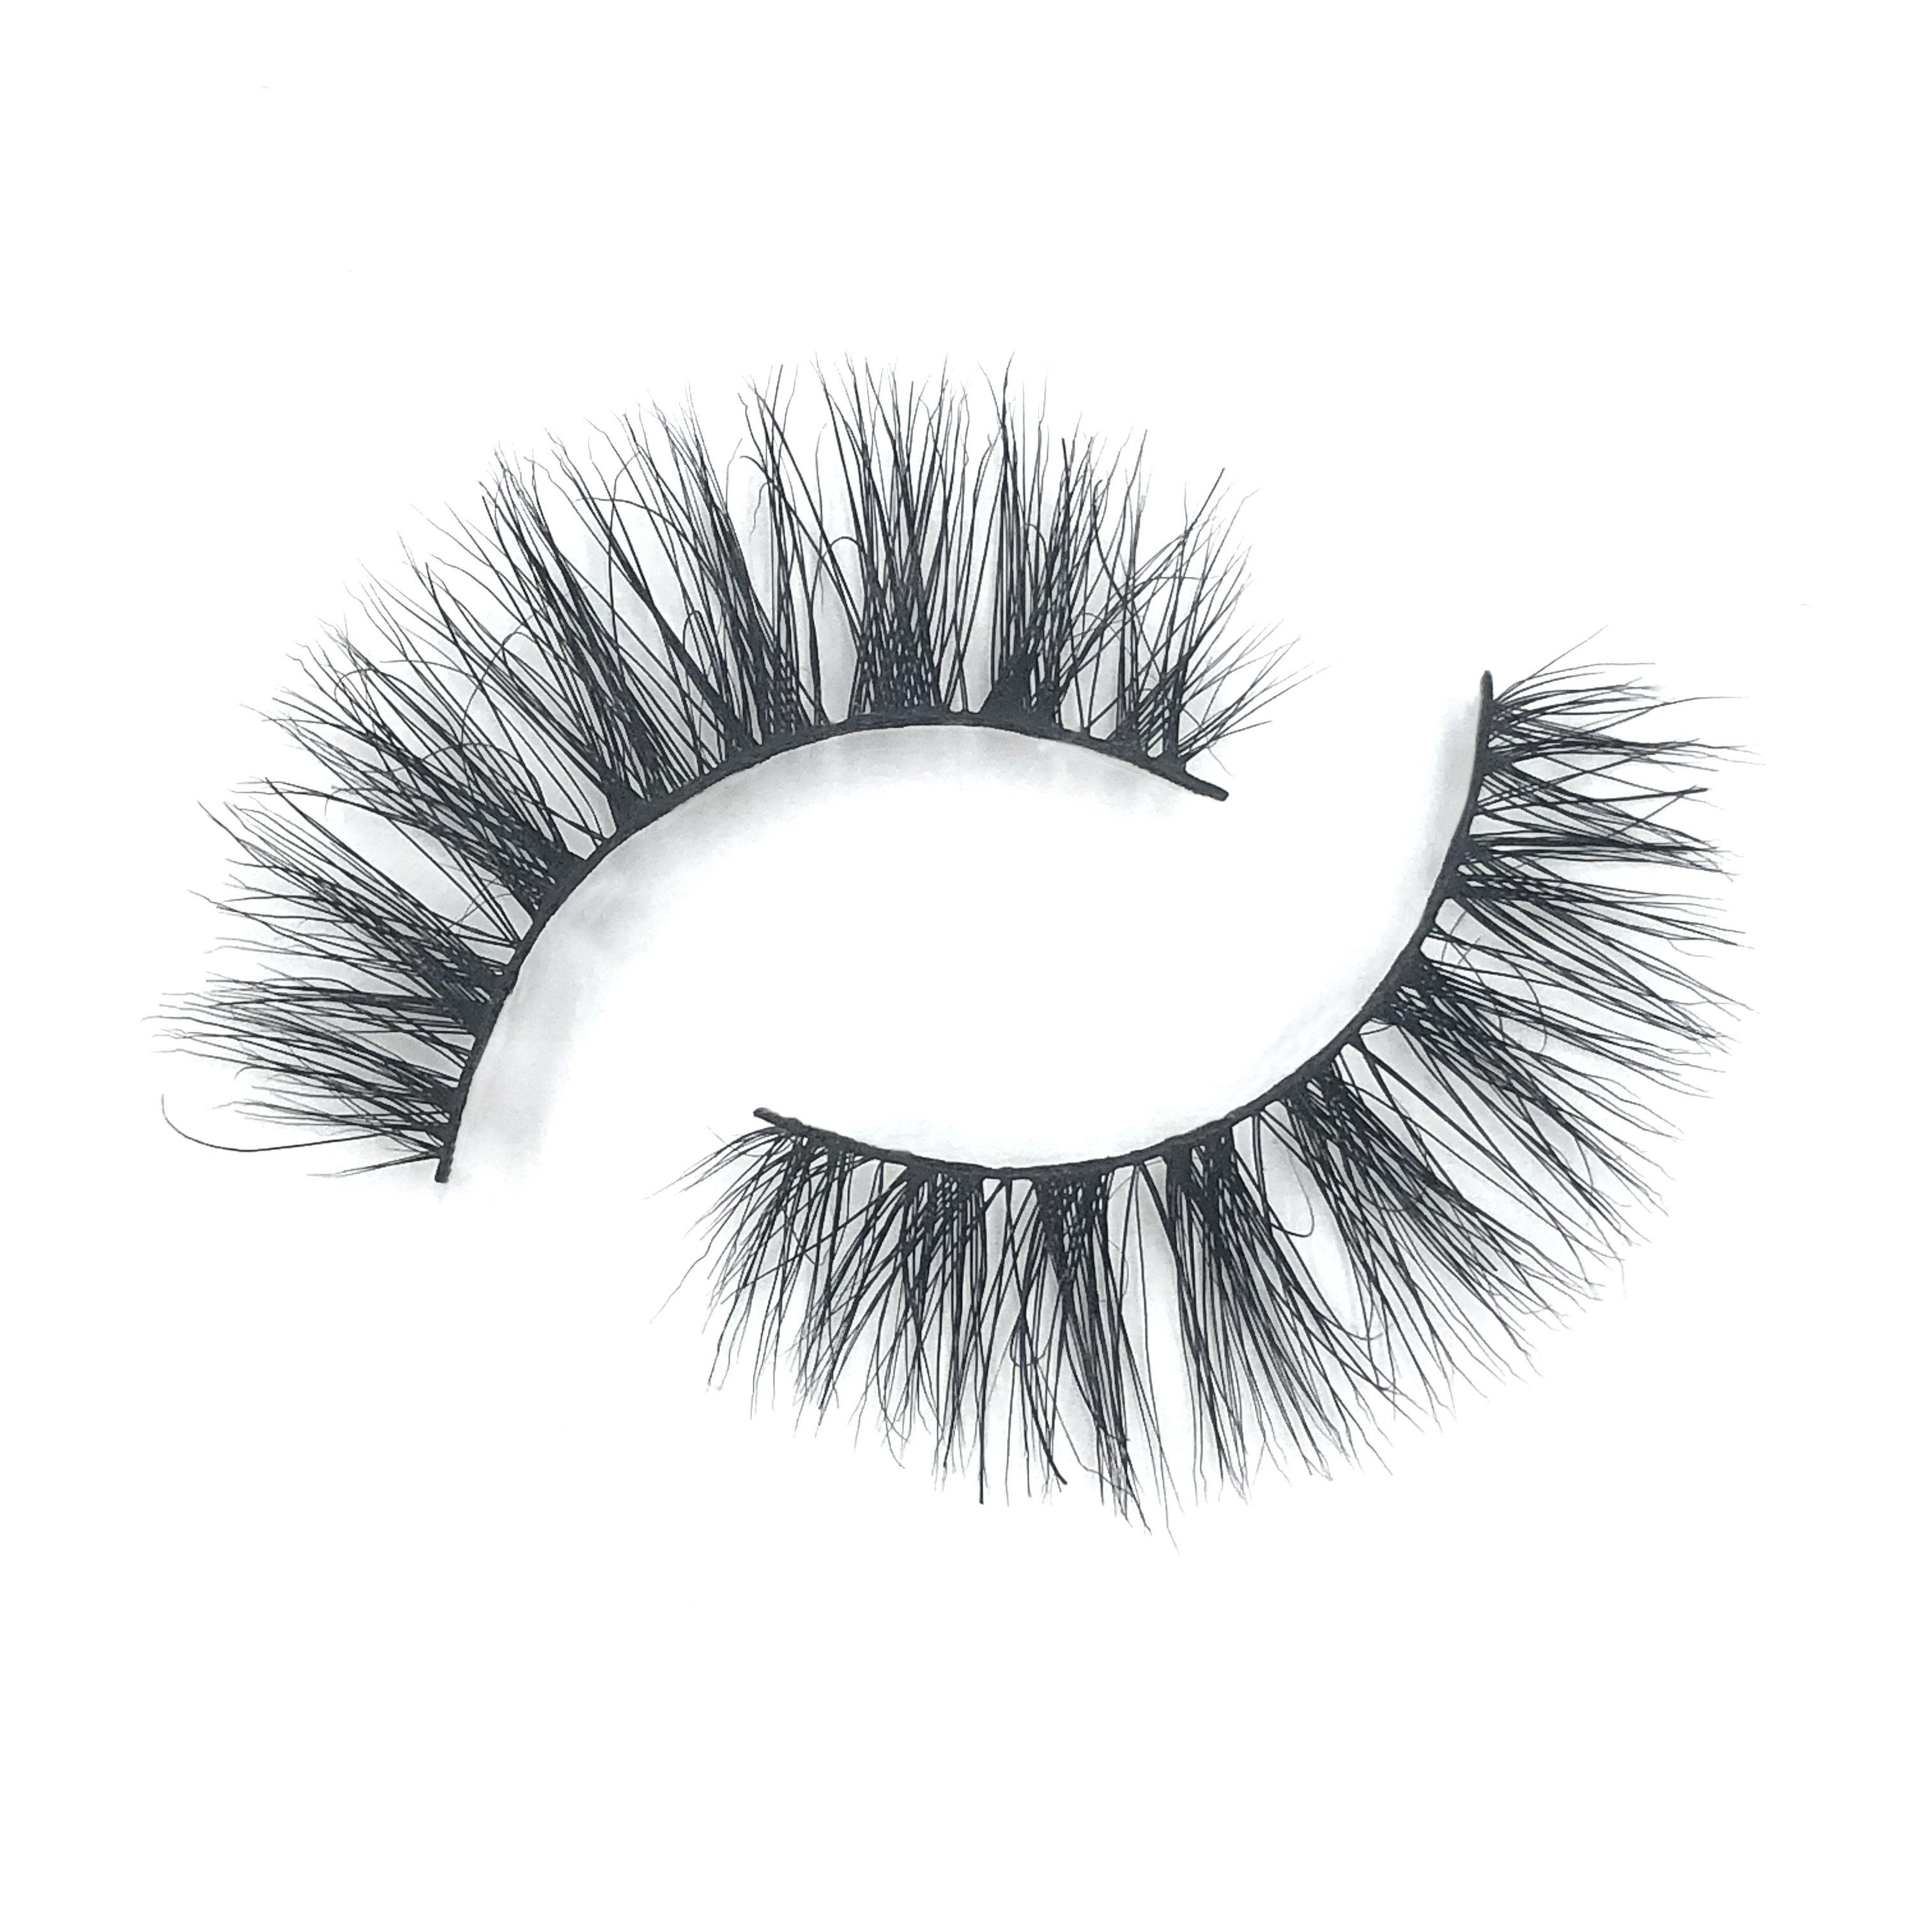 🤩cooco lashes manufacturer, wholesale 25MM mink lashes, 3D mink lashes, faux mink lashes, premium synthenic lashes, customized packaging, lashes glue, lashes applicators and so on.🤩 Whatsapp me:+8618561336521 #coocolashes#love#food#instagood#makeup#fashionblogger#fashion#beauty#photooftheday#amazing#smile#eyelash#minkeyelashes#eyelashextension#makeuptalk#falseyelashes#3dminklashes#minklashes#falselashes#fakelashes#lashvendor#crueltyfreelashes#popular#lillylashes